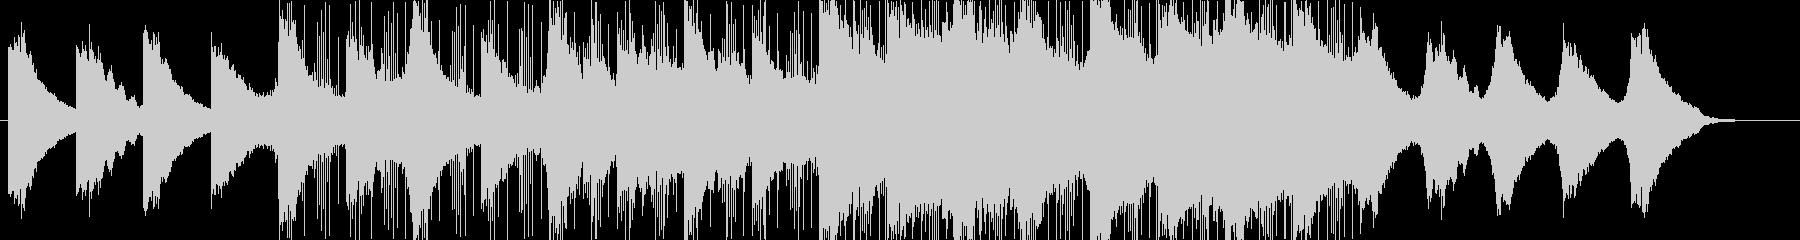 幻想的なイメージのBGMの未再生の波形